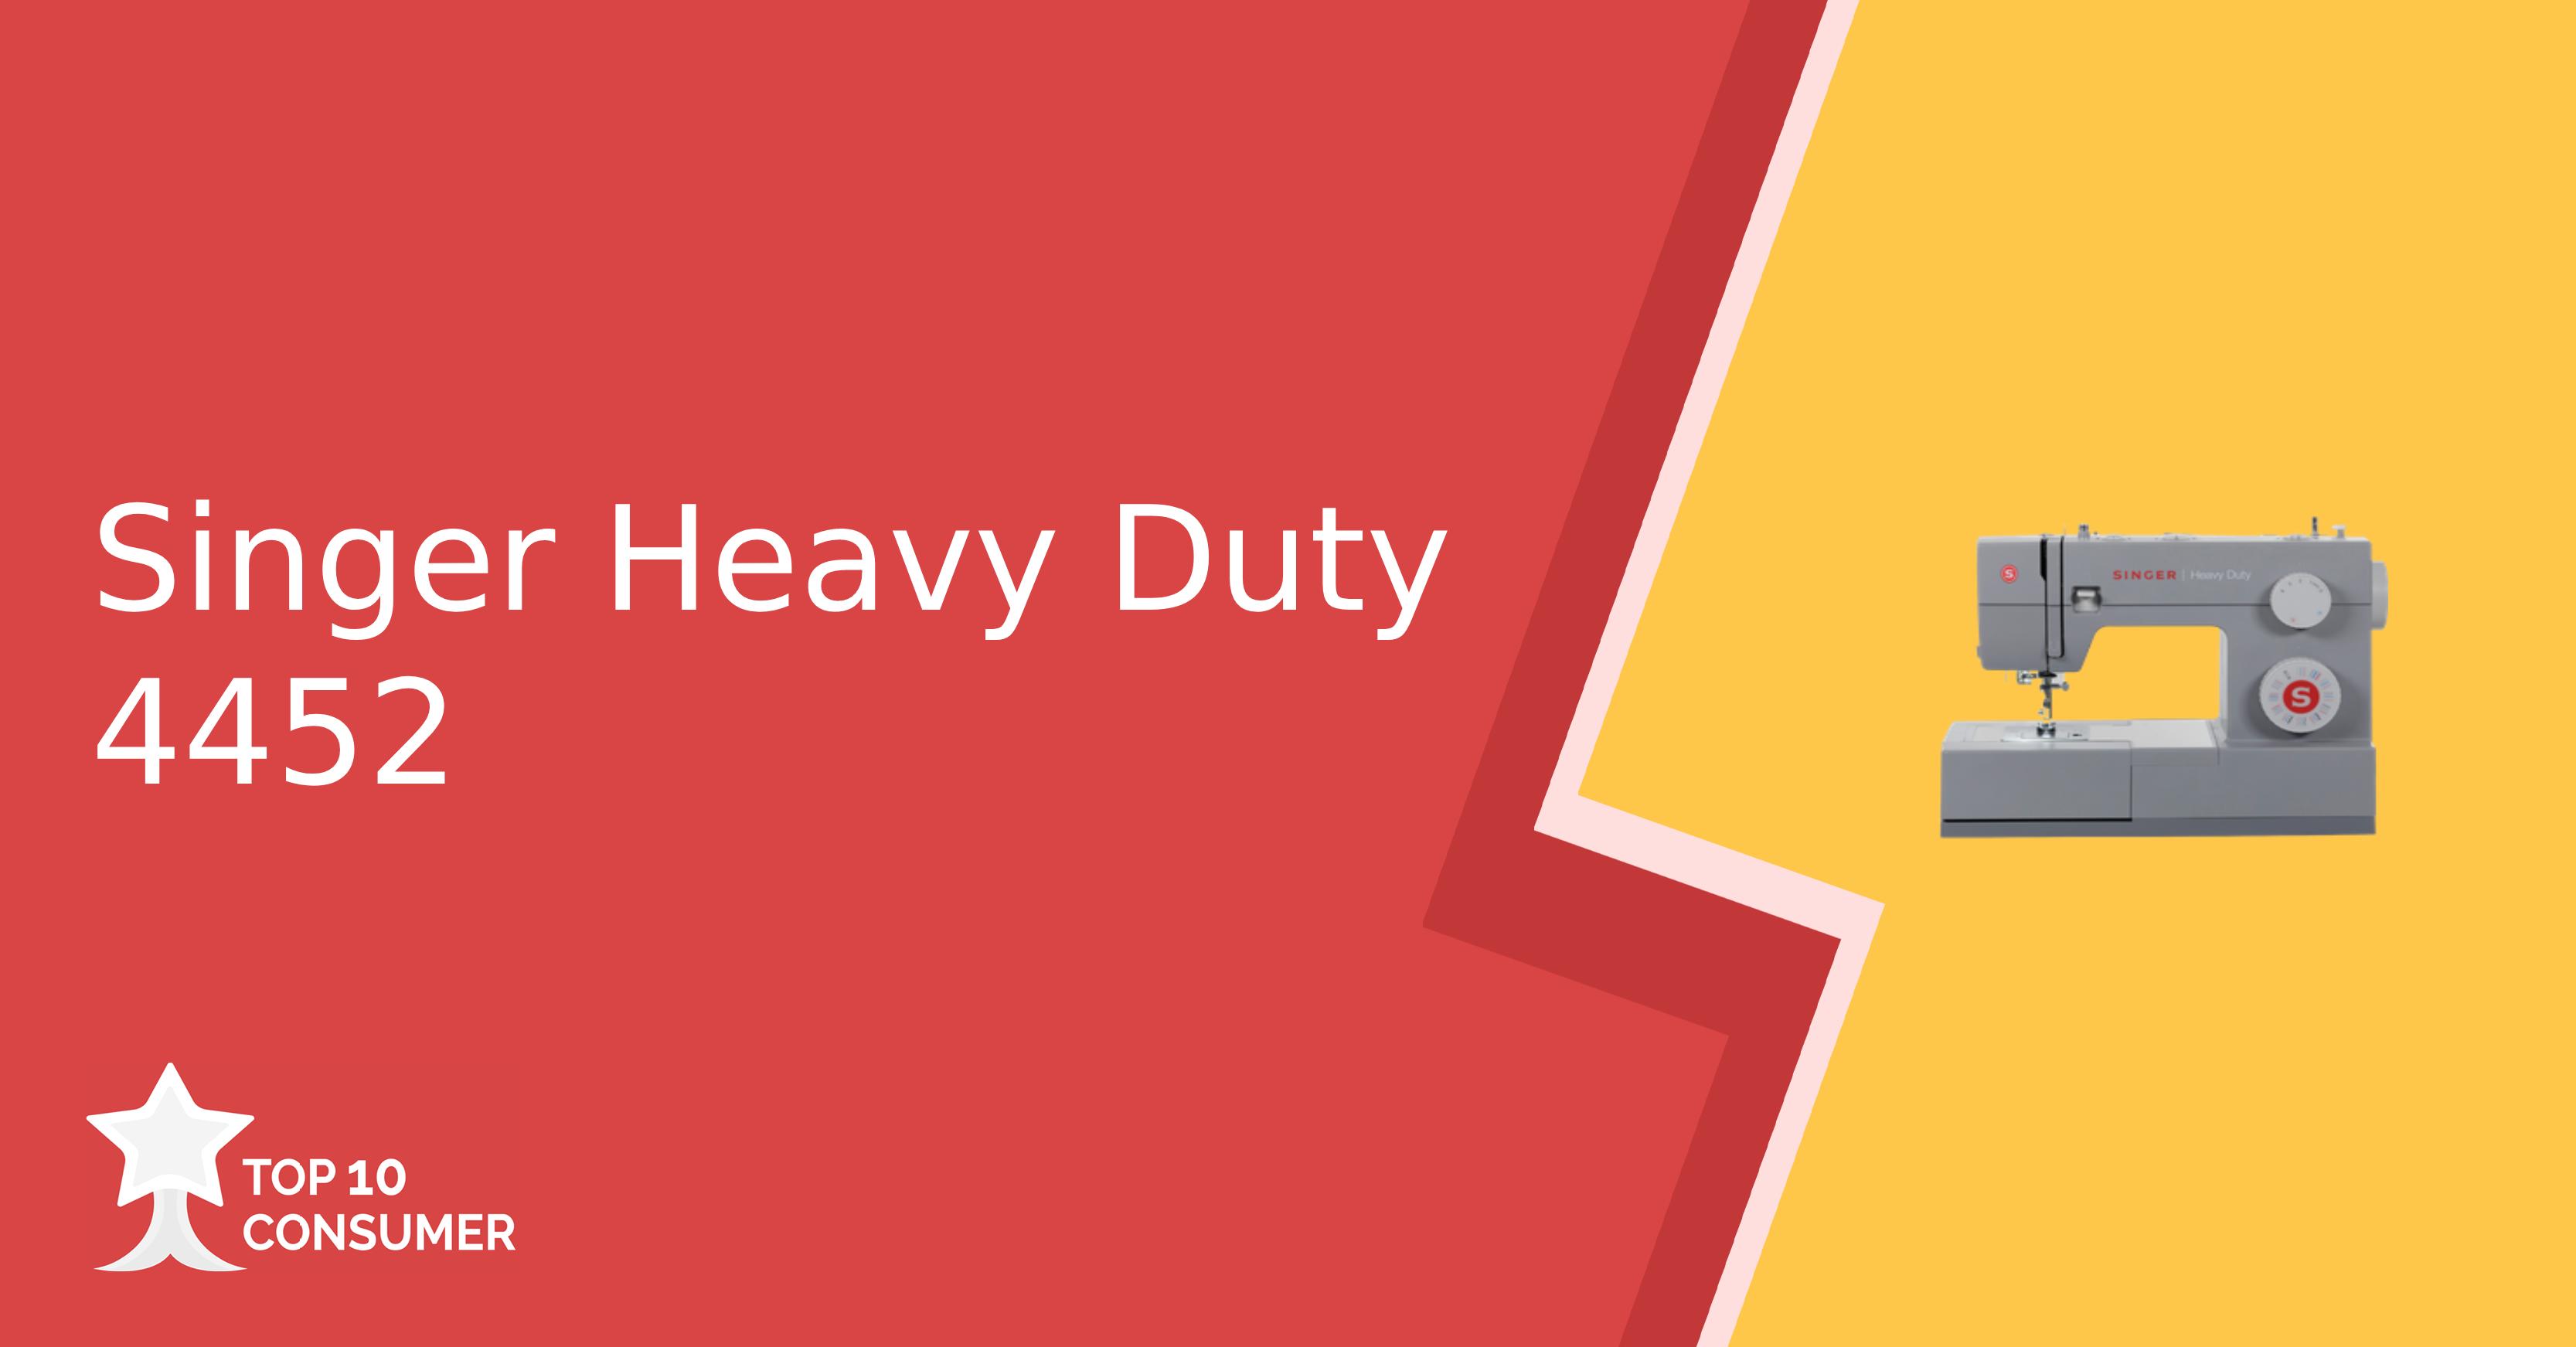 Singer Heavy Duty 4452